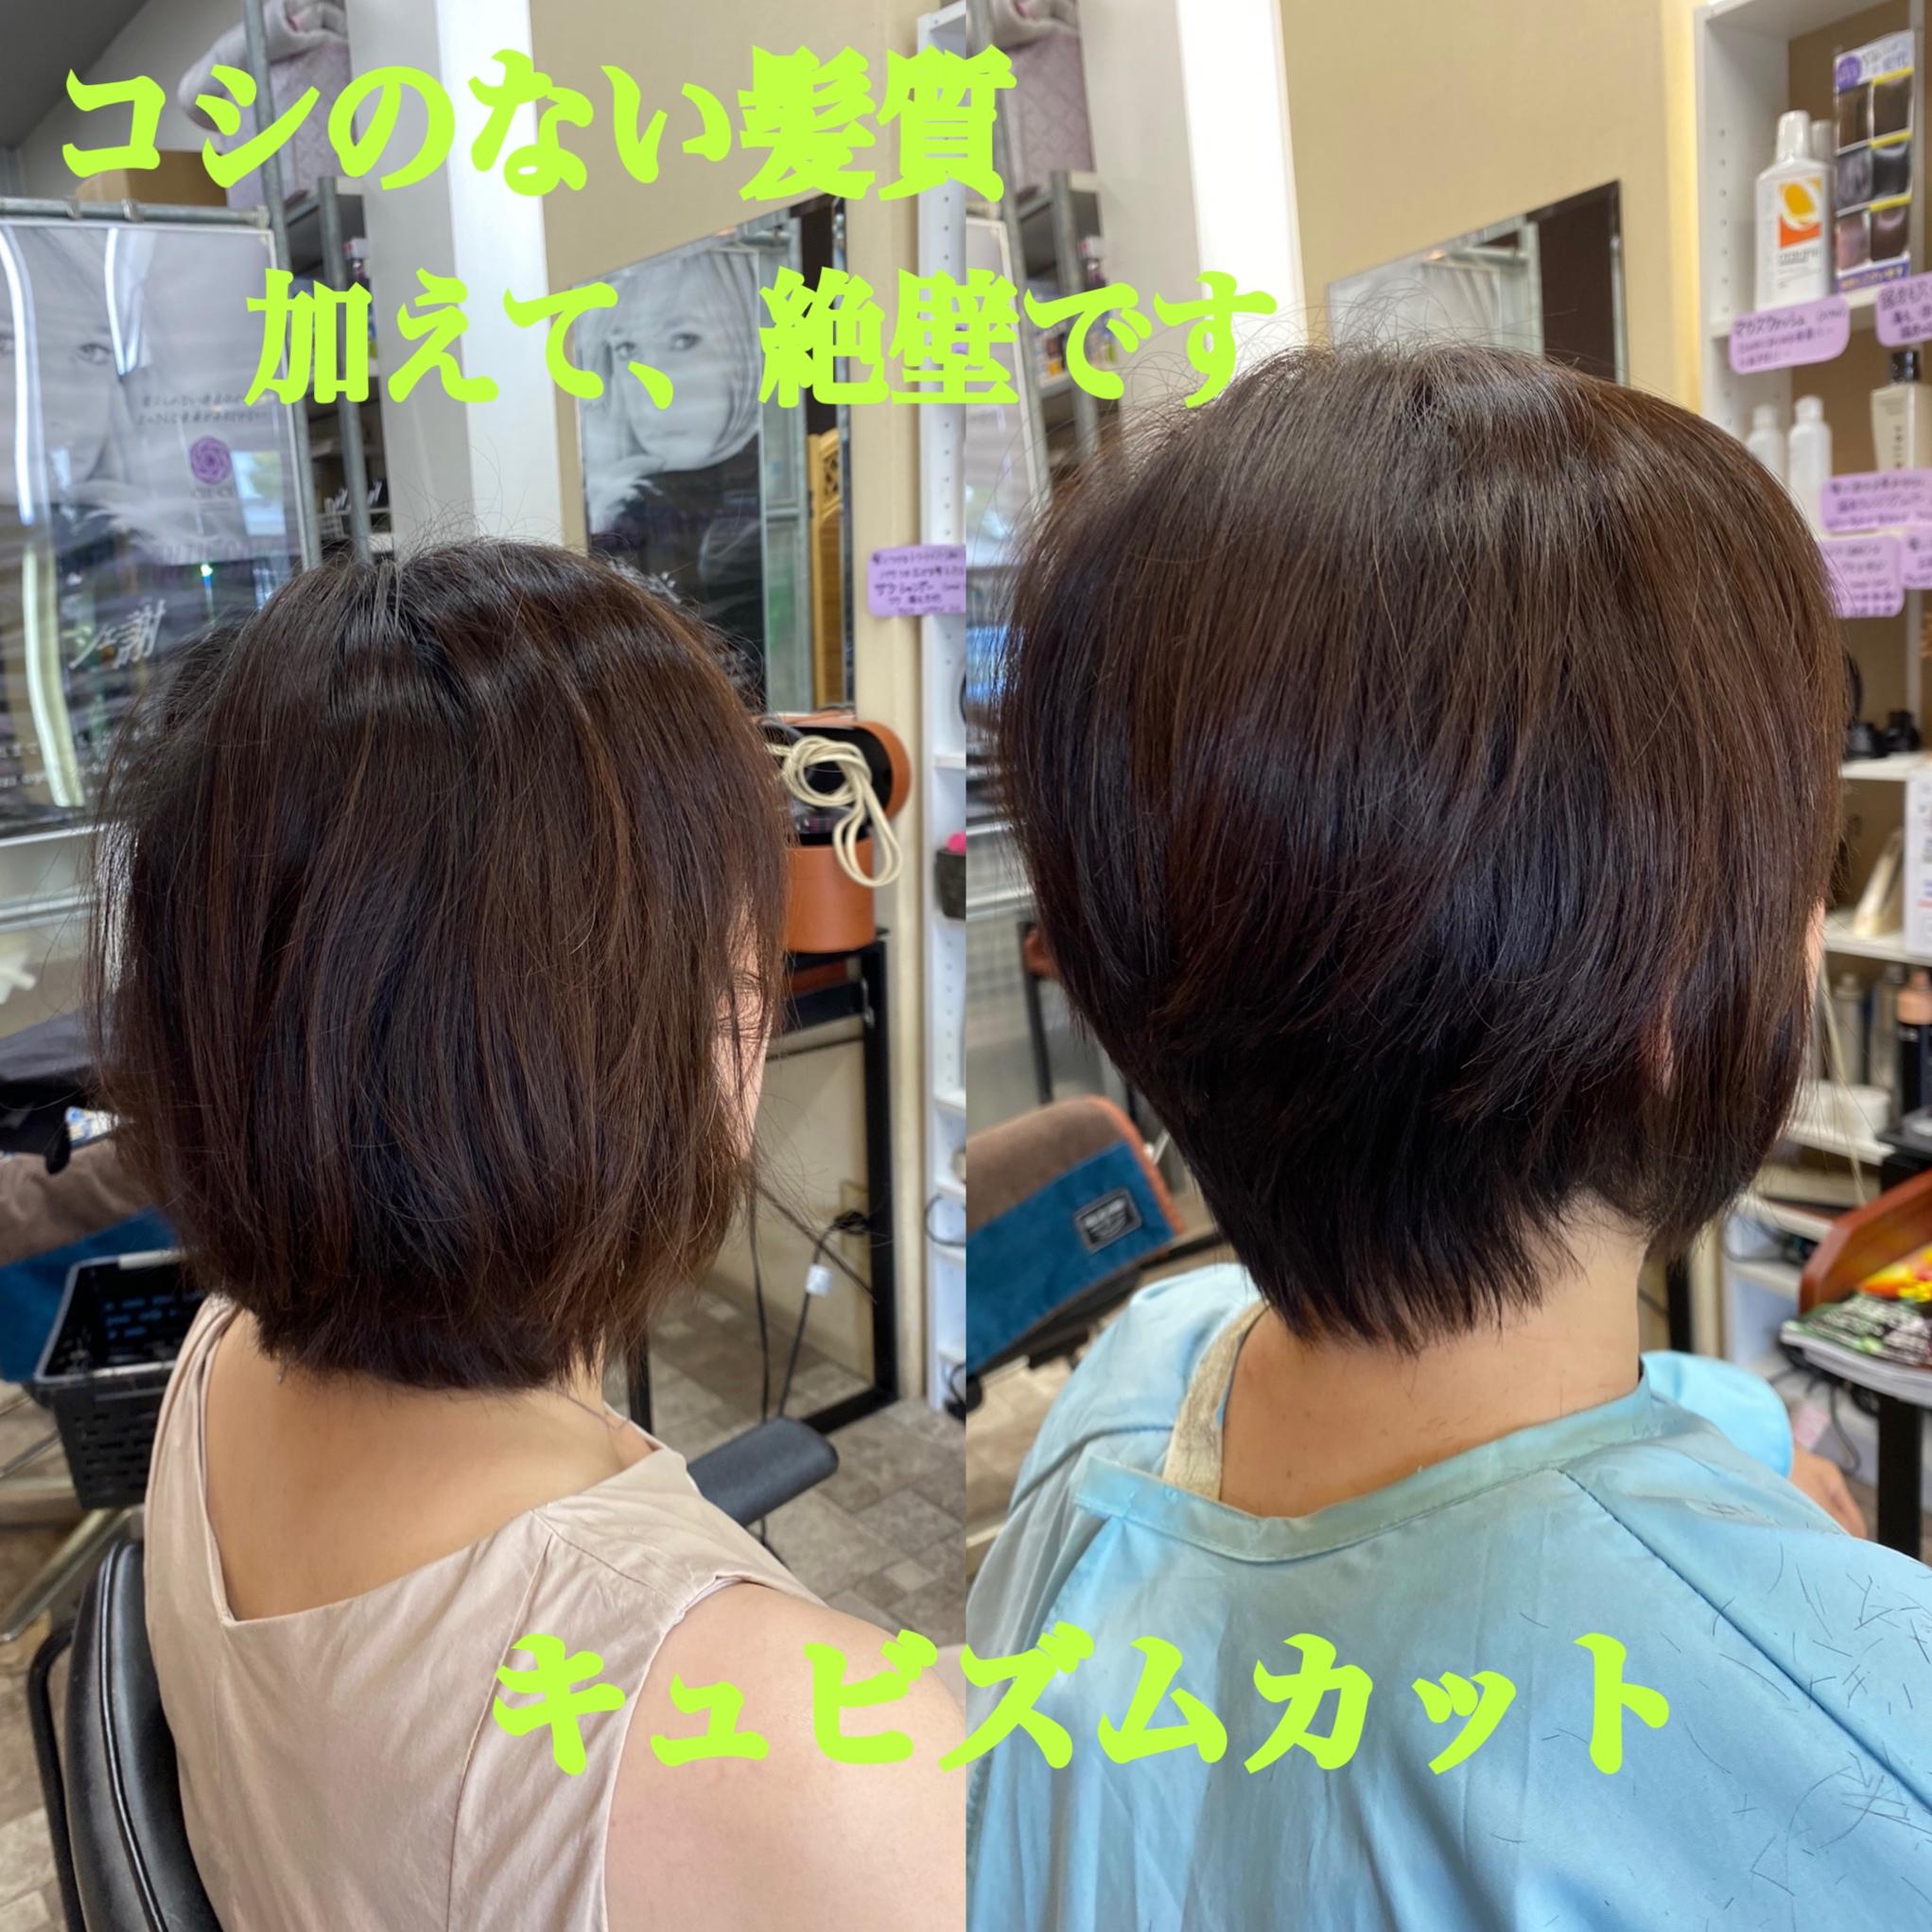 コシのない髪質、絶壁の悩み